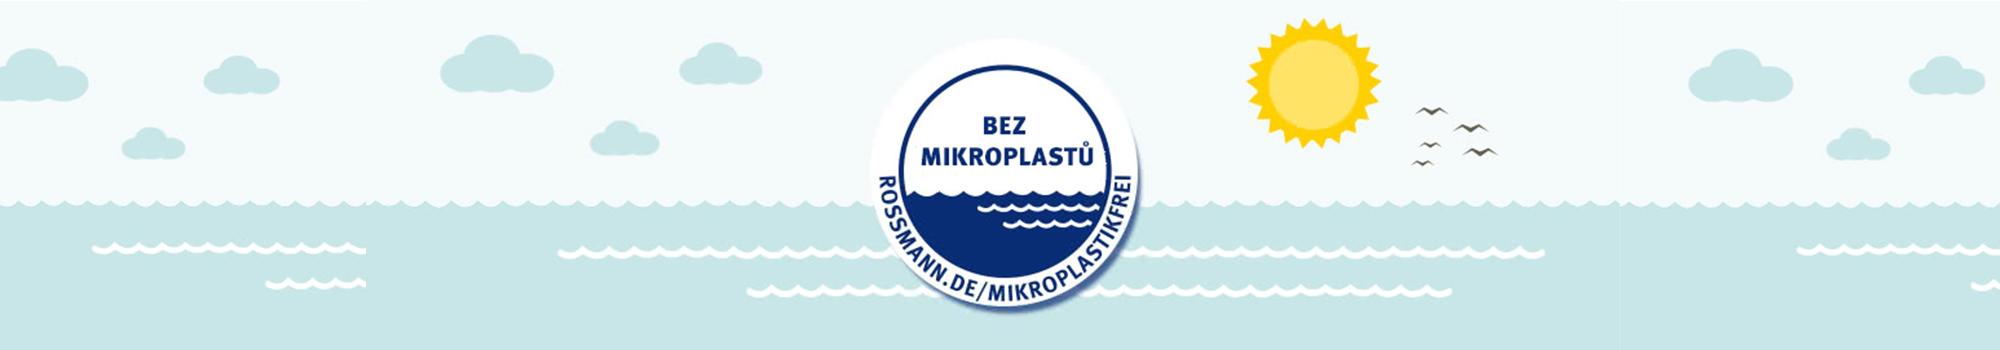 """ROSSMANN zavádí vlastní pečeť """"BEZ mikroplastů"""""""